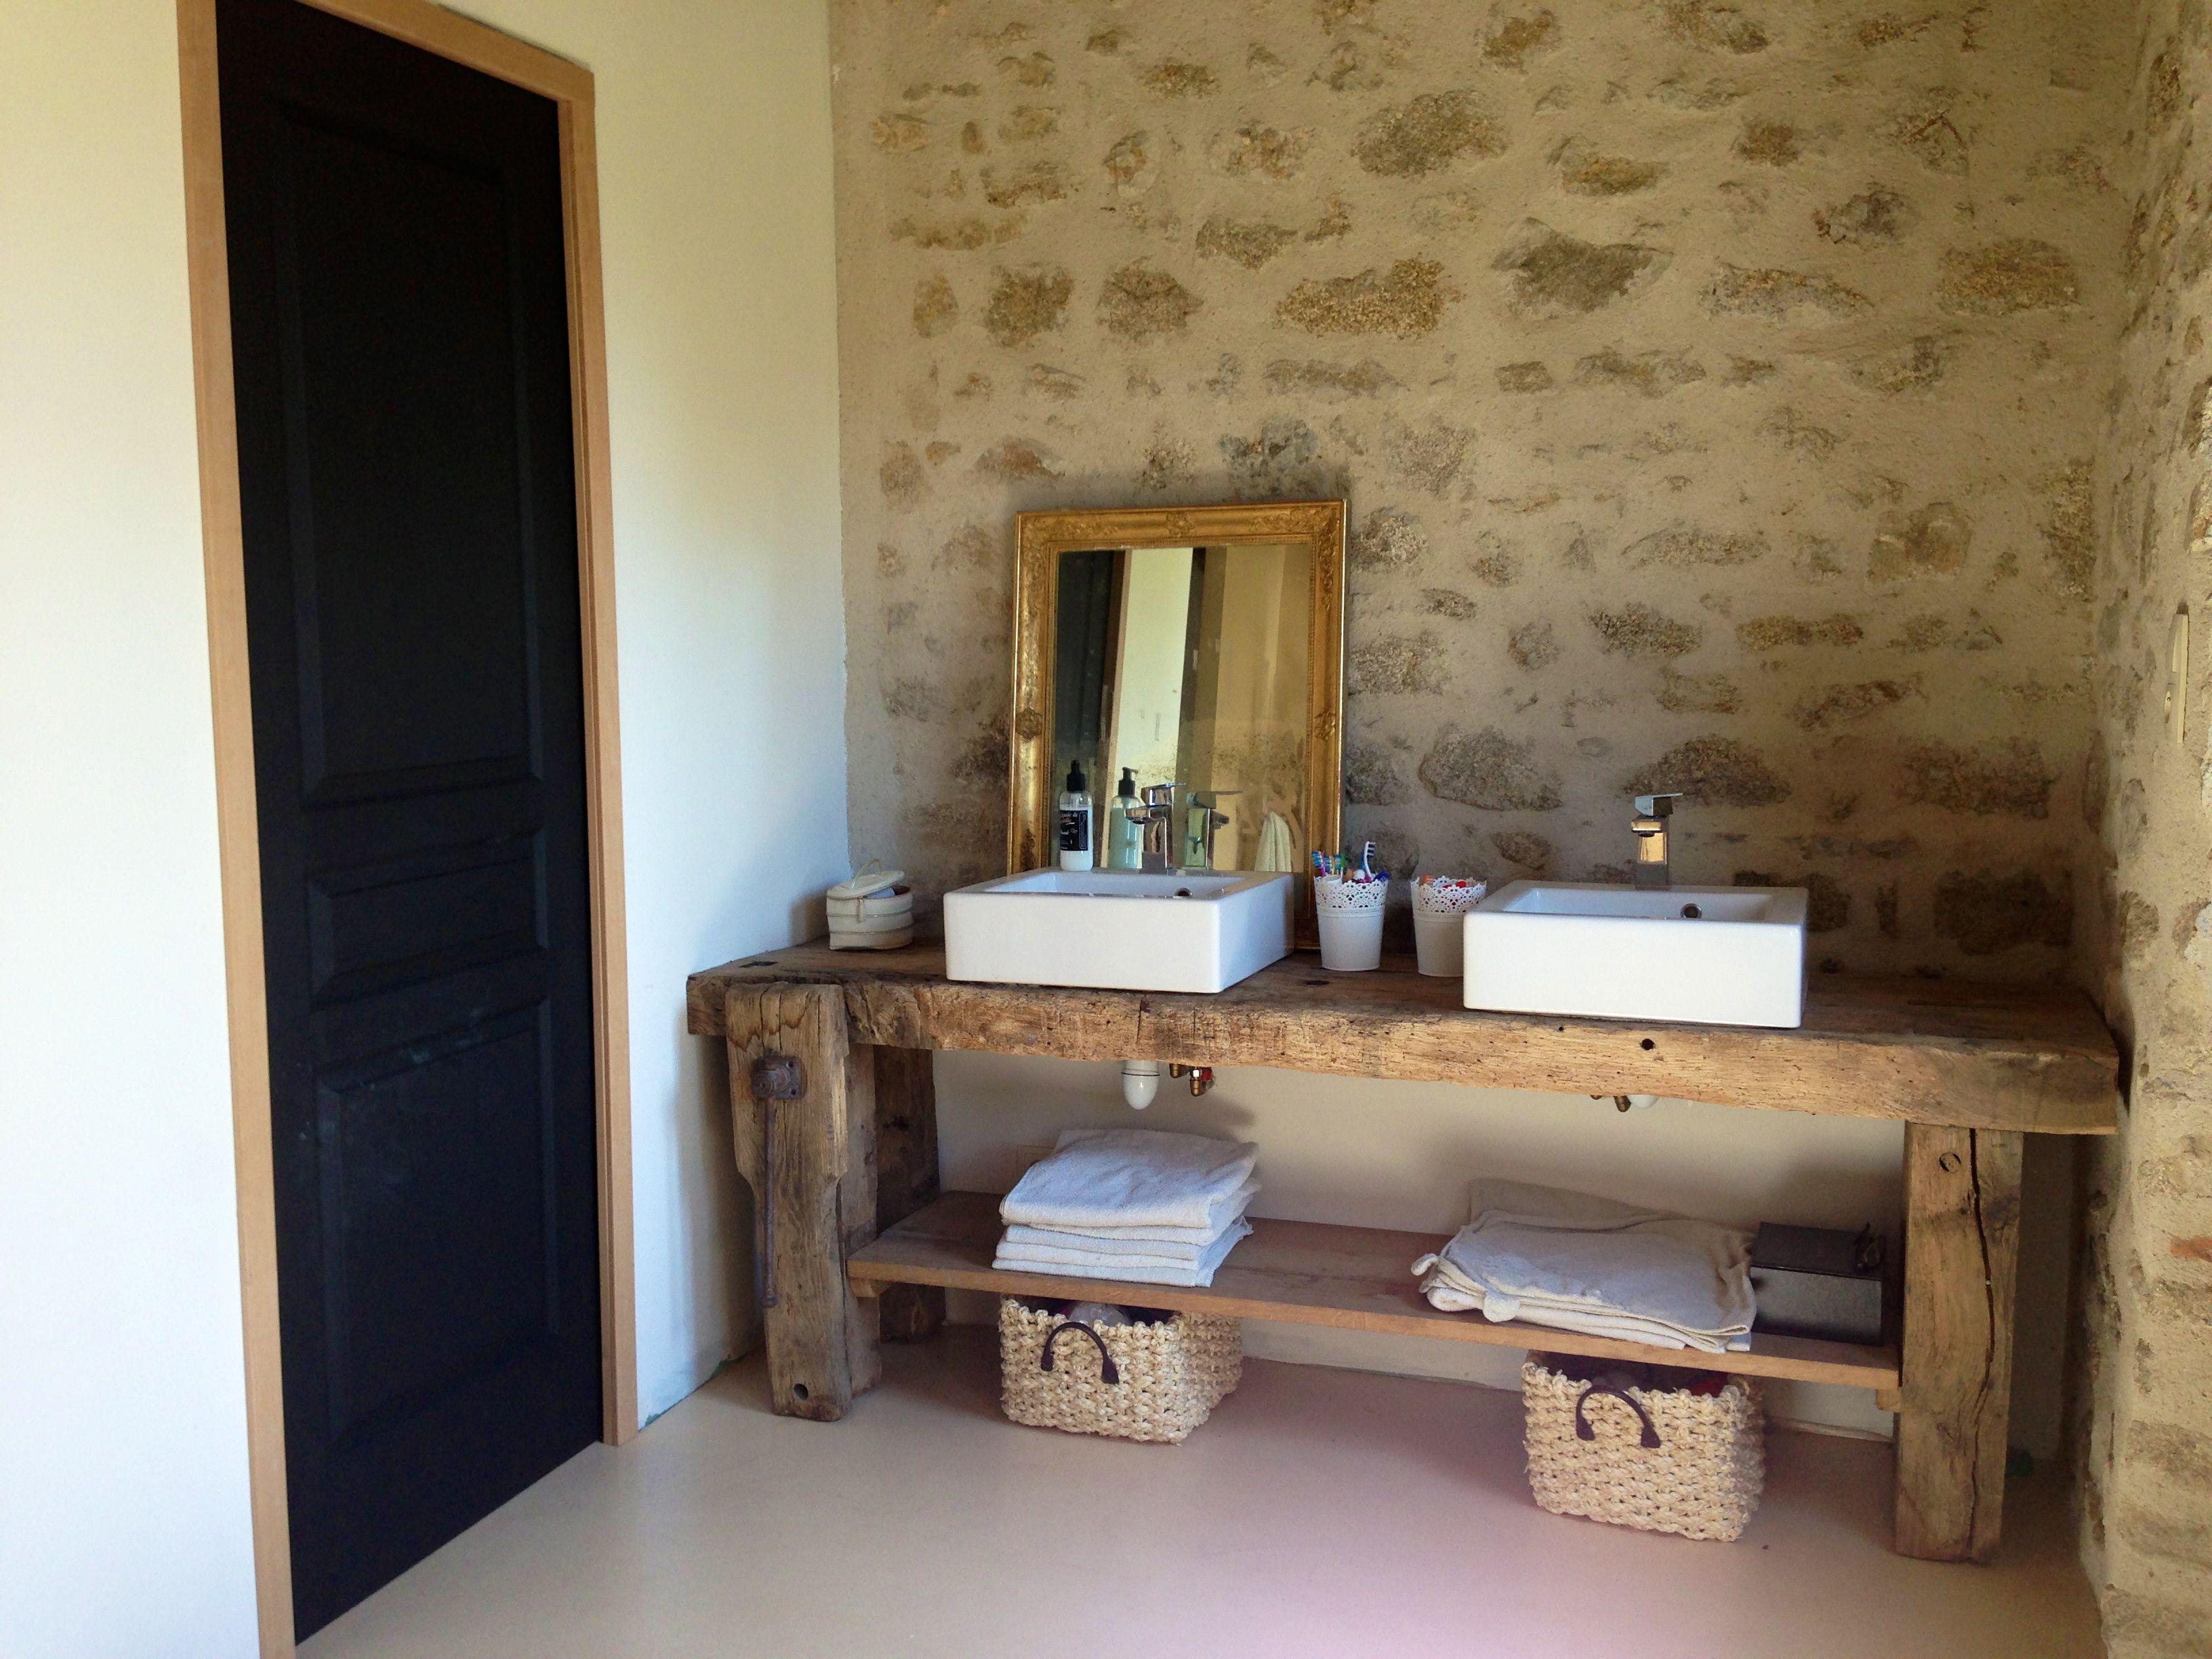 detourner un meuble salle de bain recherche google sdb salle salle de bain et meuble. Black Bedroom Furniture Sets. Home Design Ideas